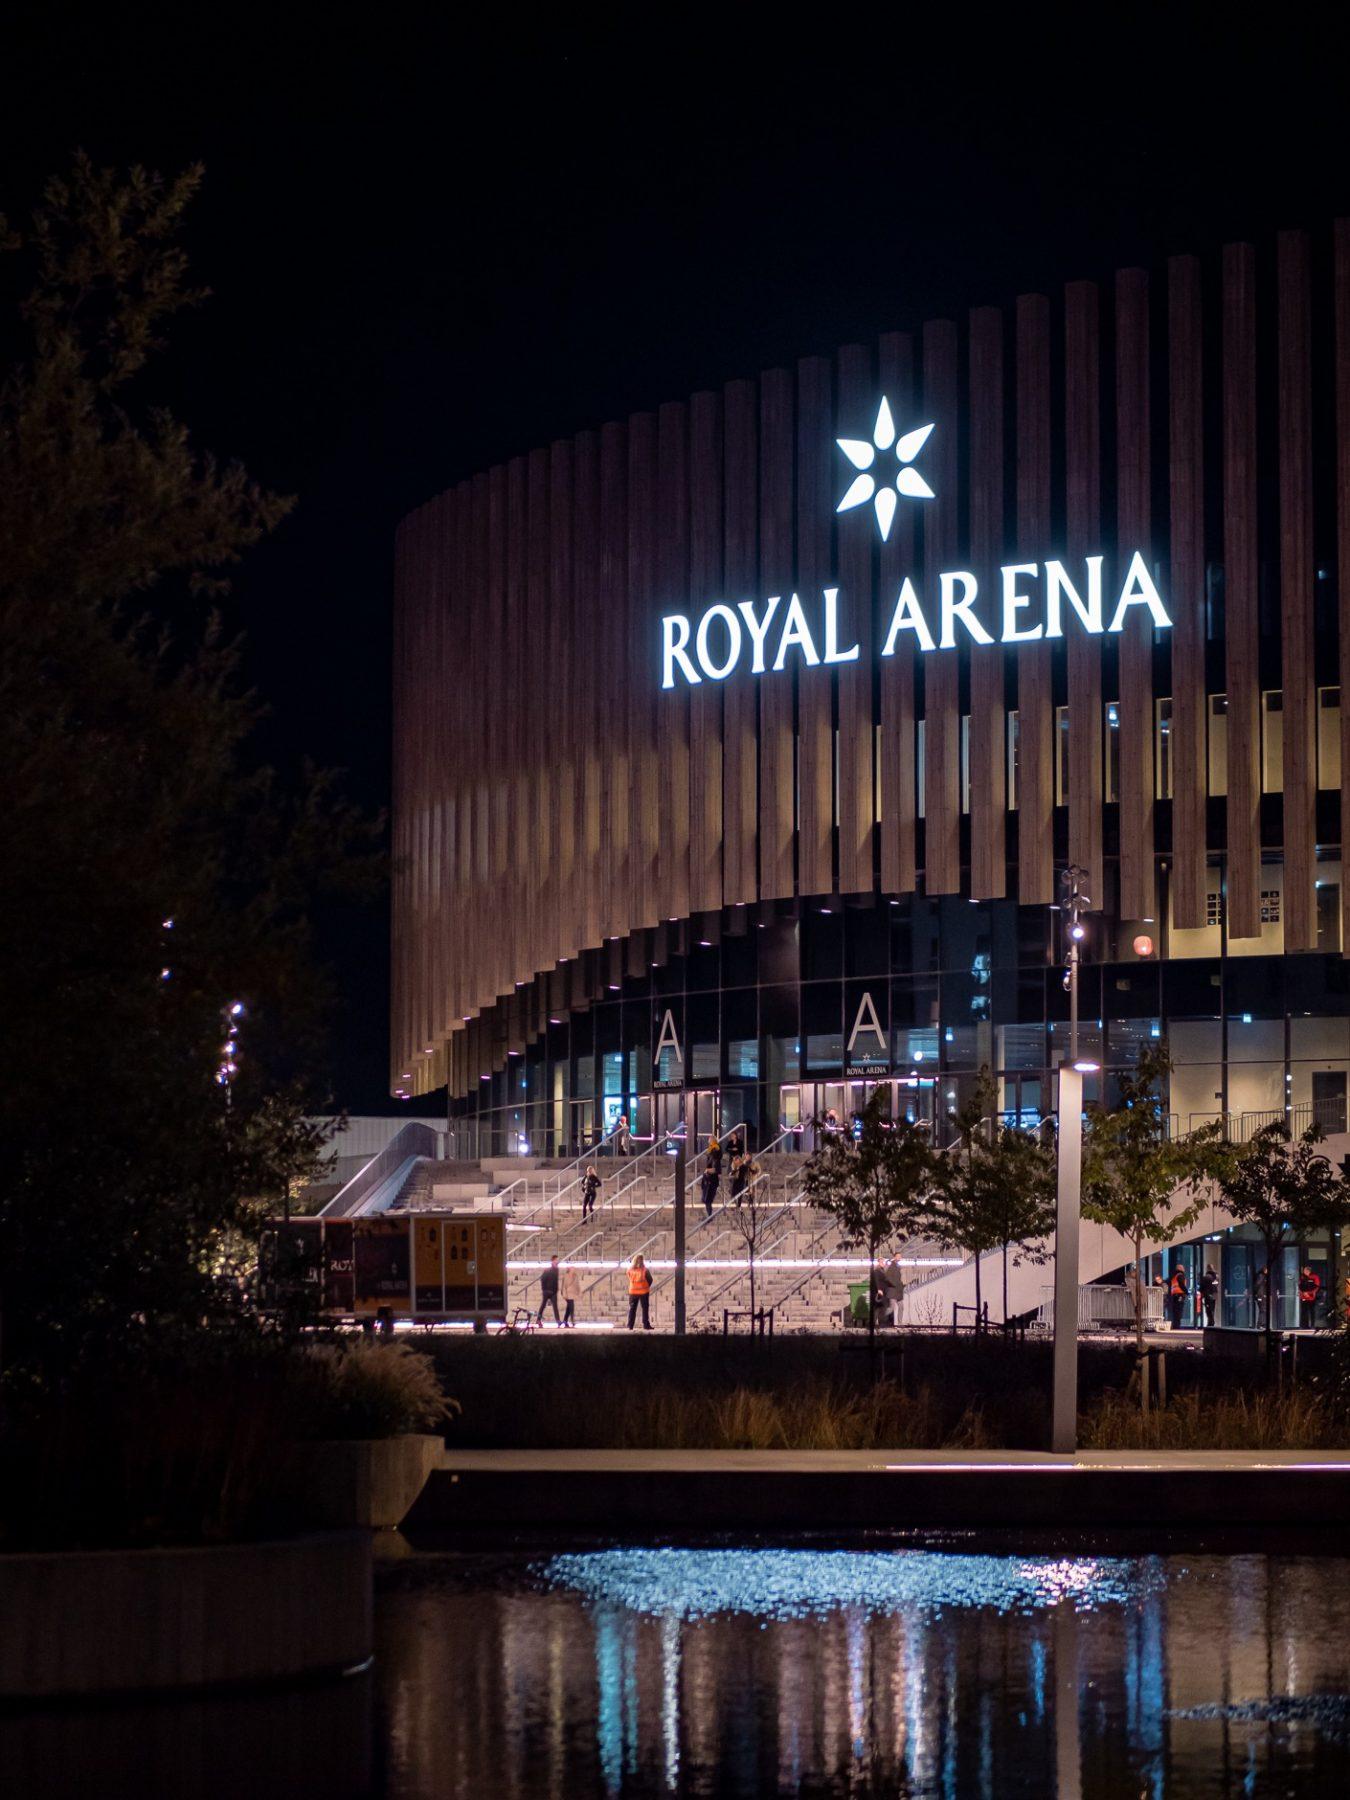 Royal Arena om natten, efterår 2019, af Ørestad fotograf Stefan Grage